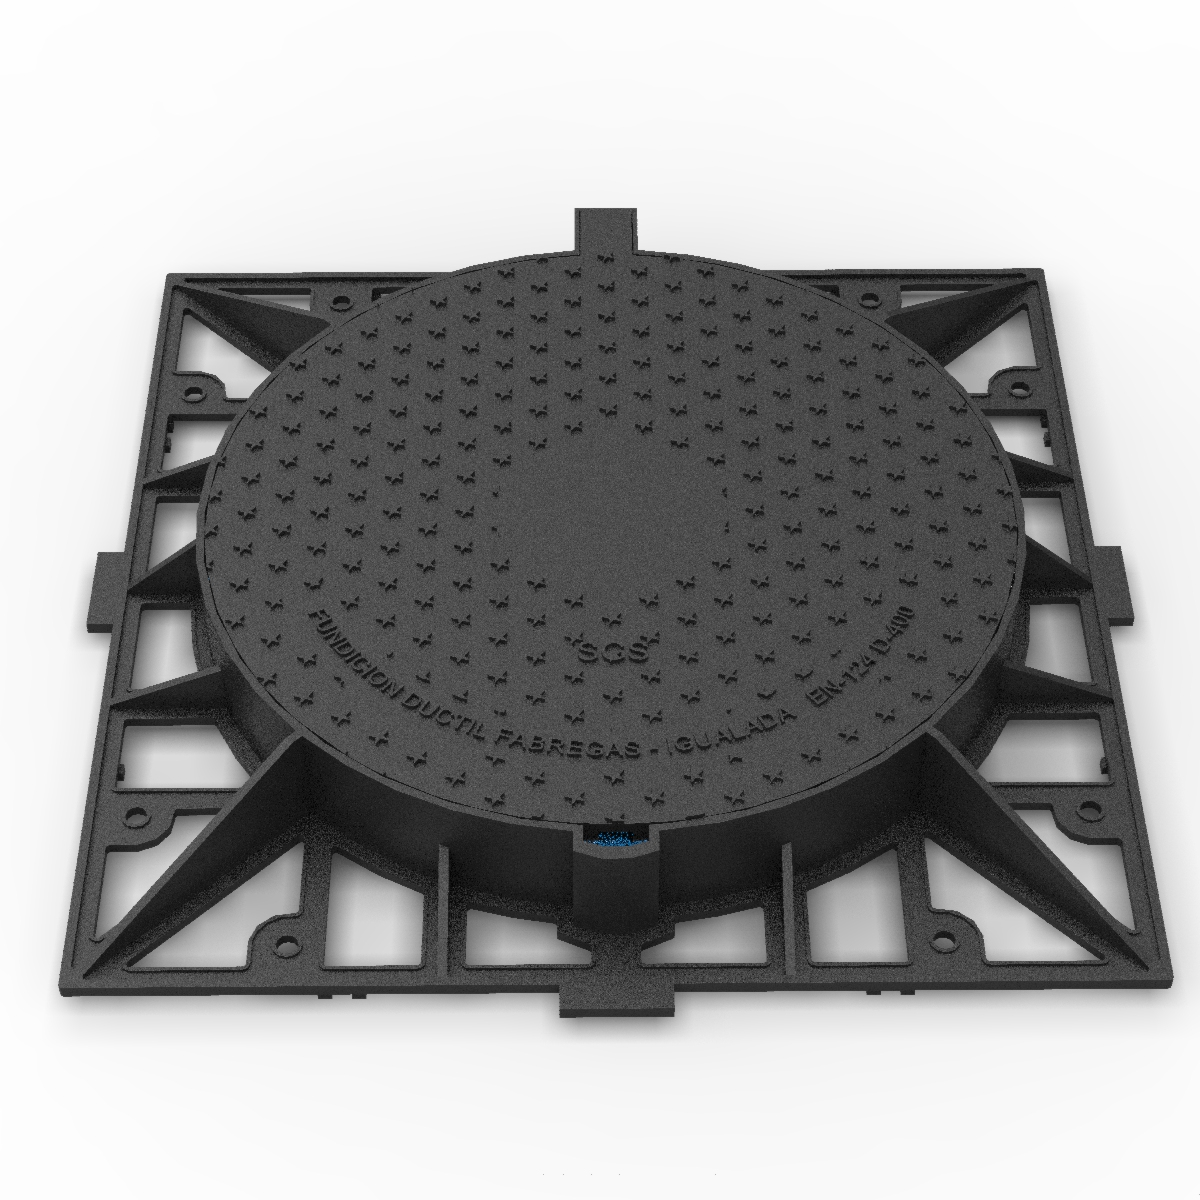 Tapa circular y marco cuadrado de fundicion ductil R-2-MA-D400